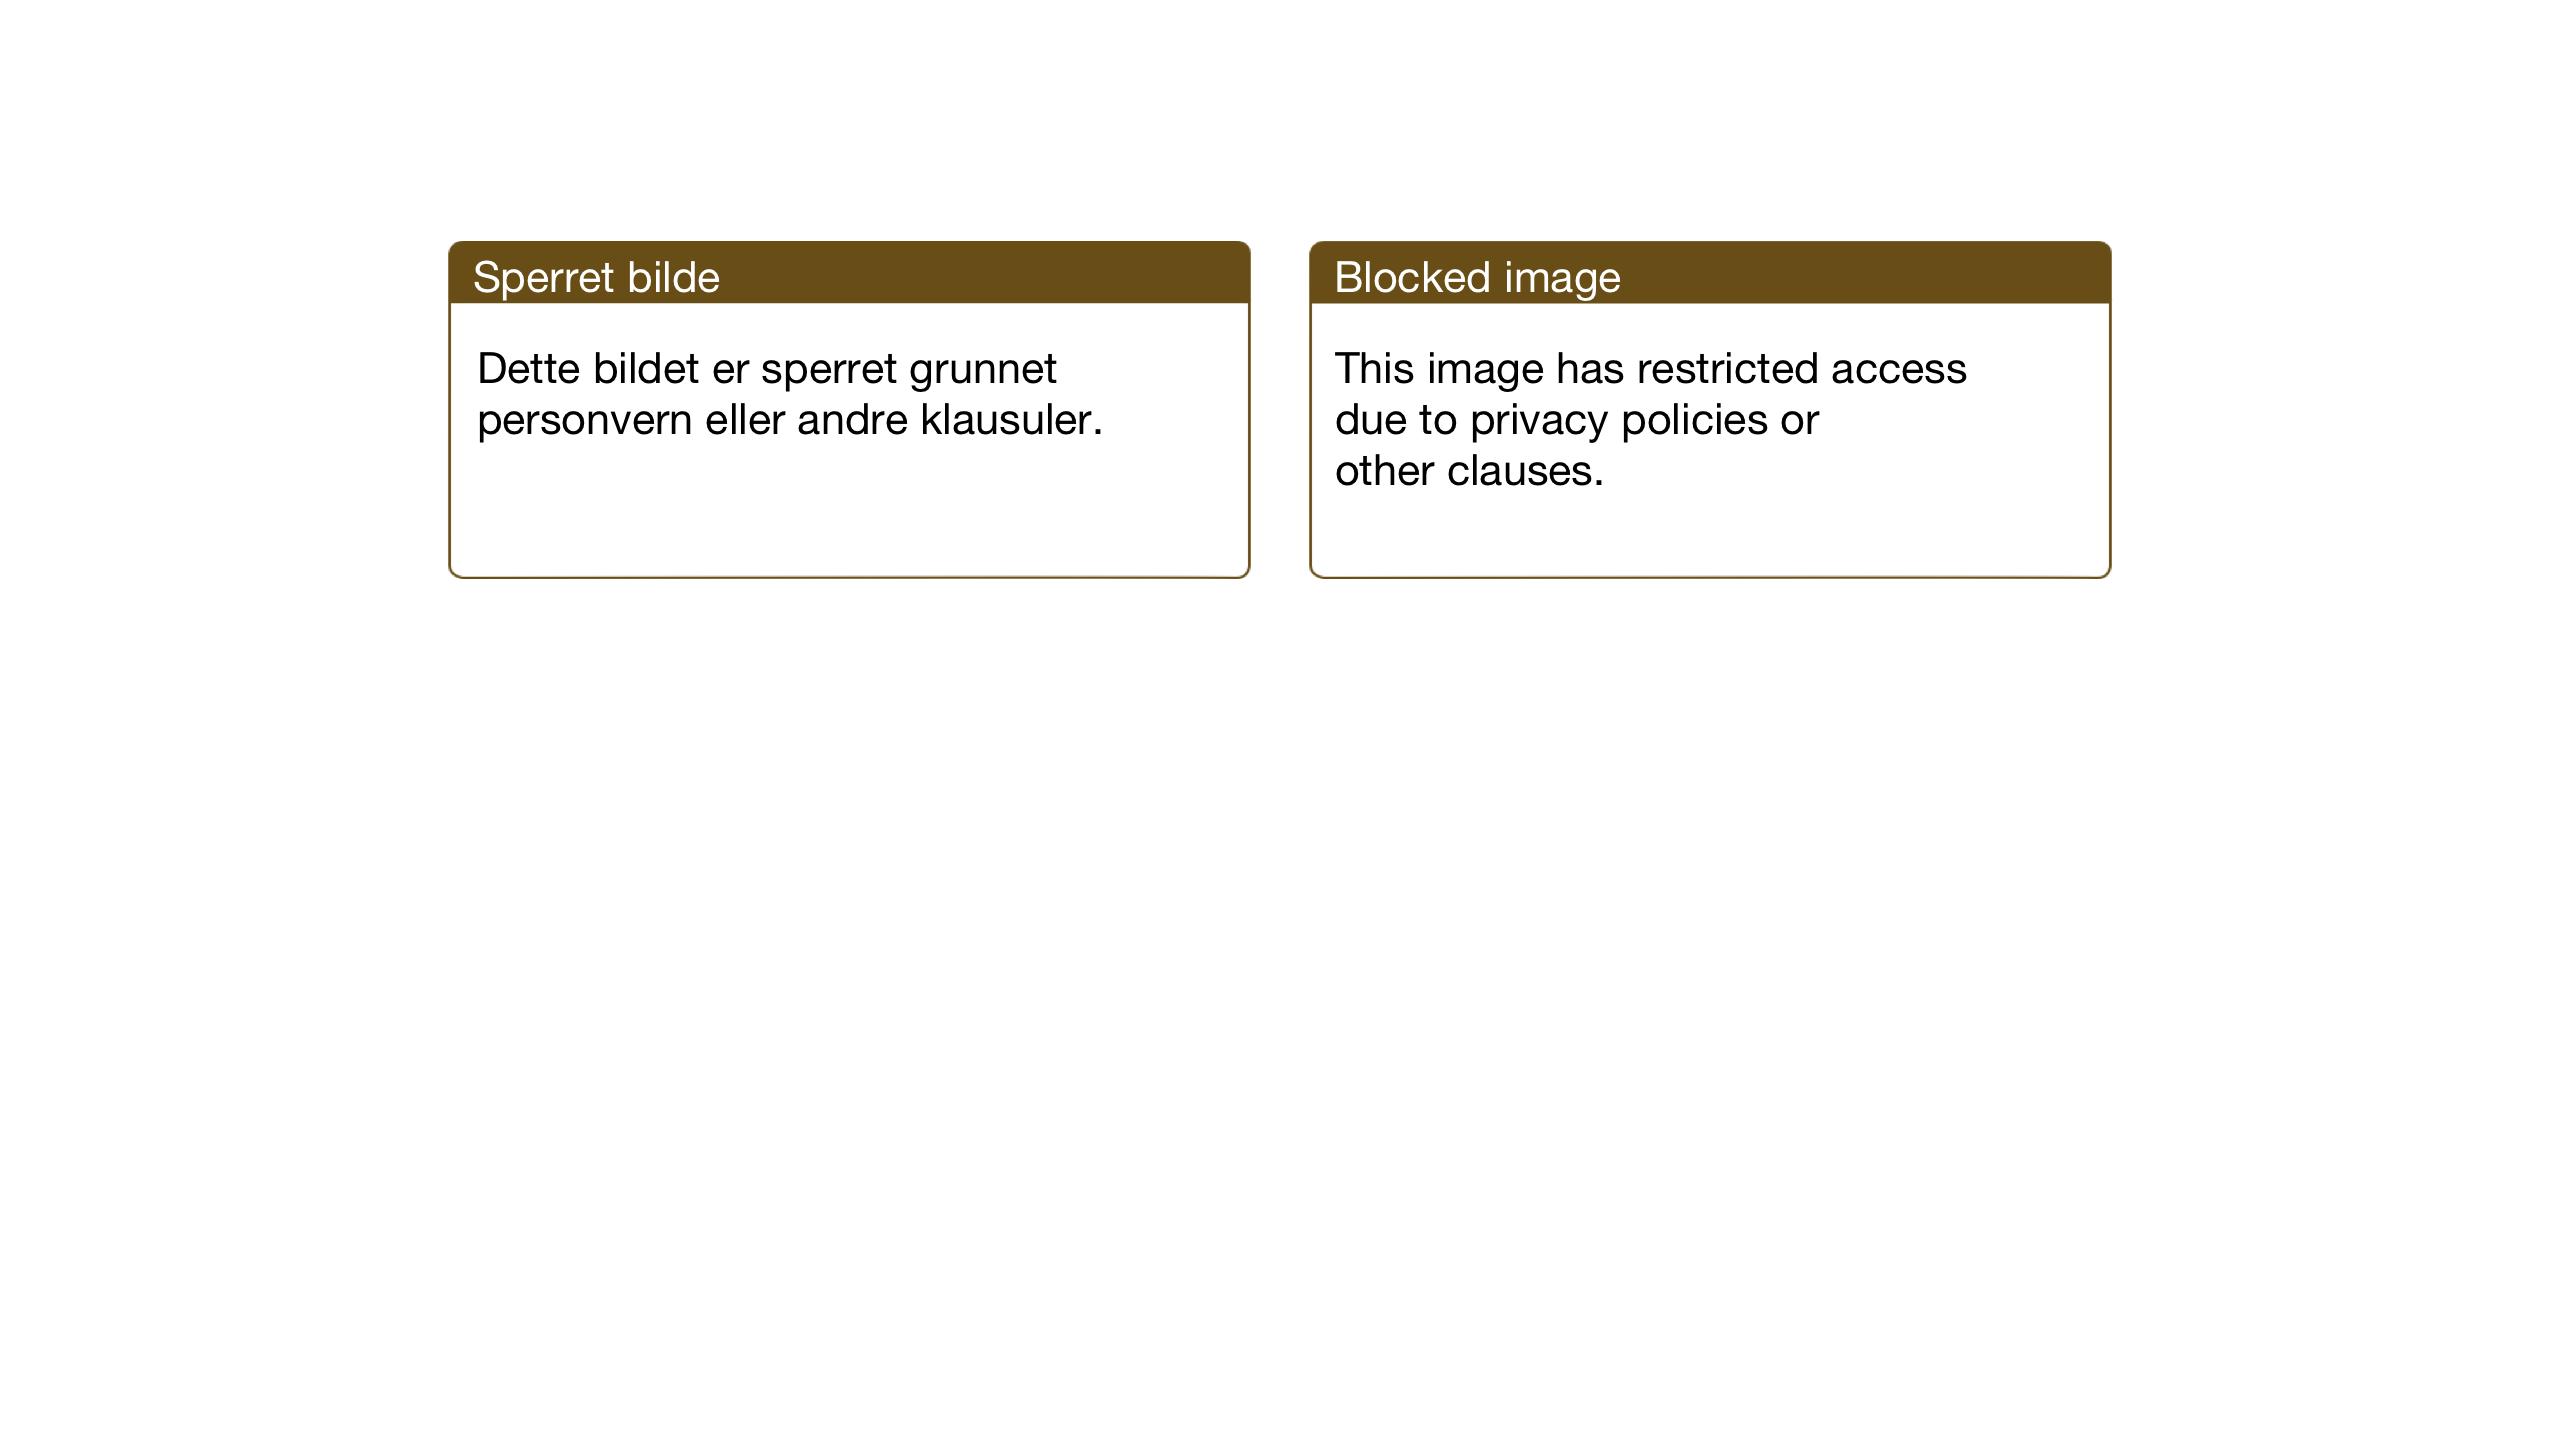 SAT, Ministerialprotokoller, klokkerbøker og fødselsregistre - Sør-Trøndelag, 633/L0521: Klokkerbok nr. 633C03, 1921-1941, s. 90